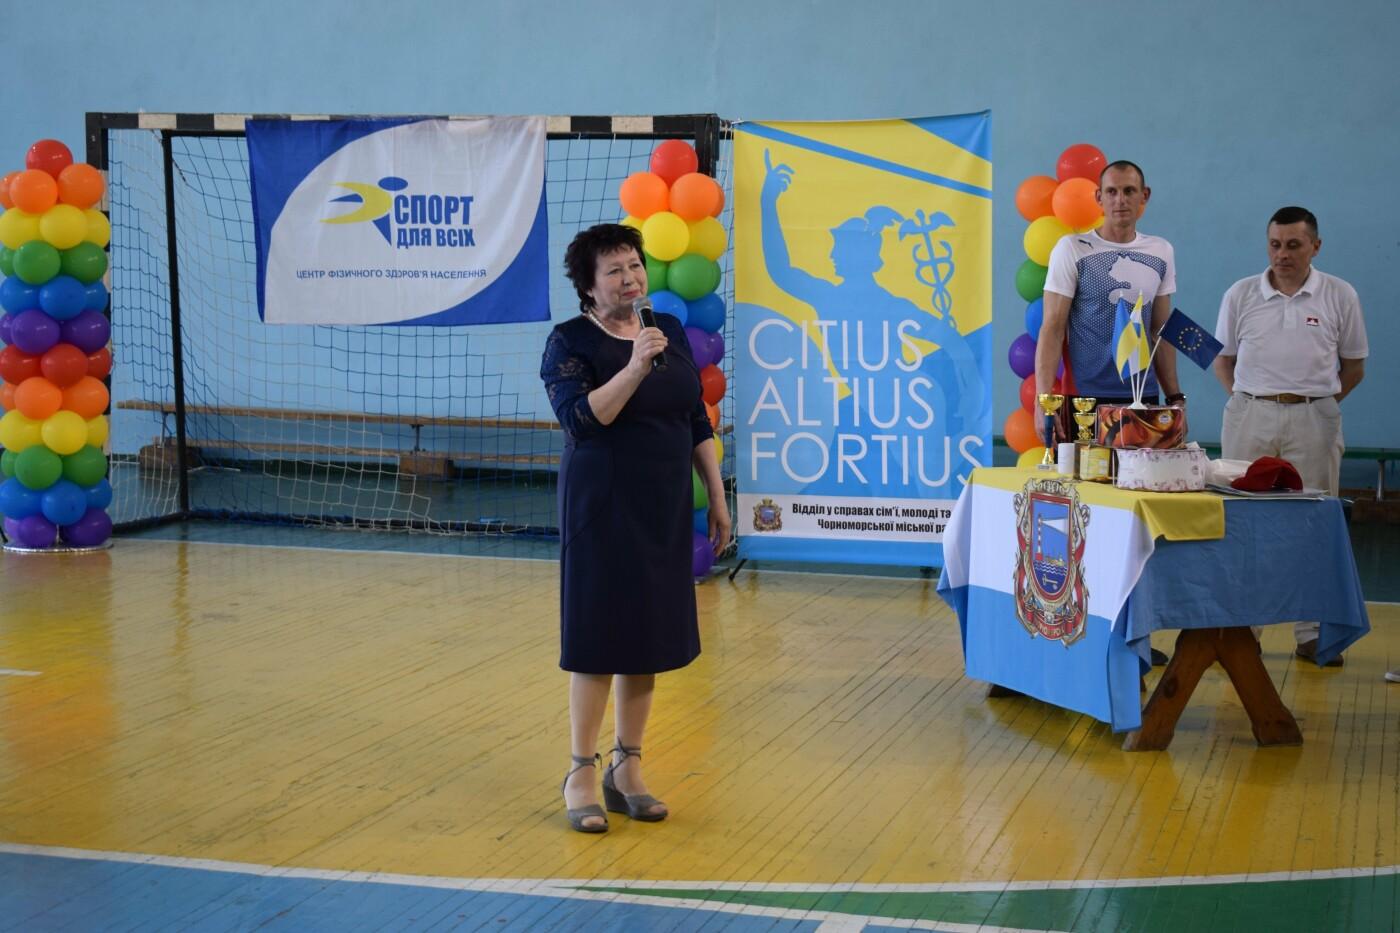 Самые спортивные семьи приехали в Черноморск (видео), фото-2